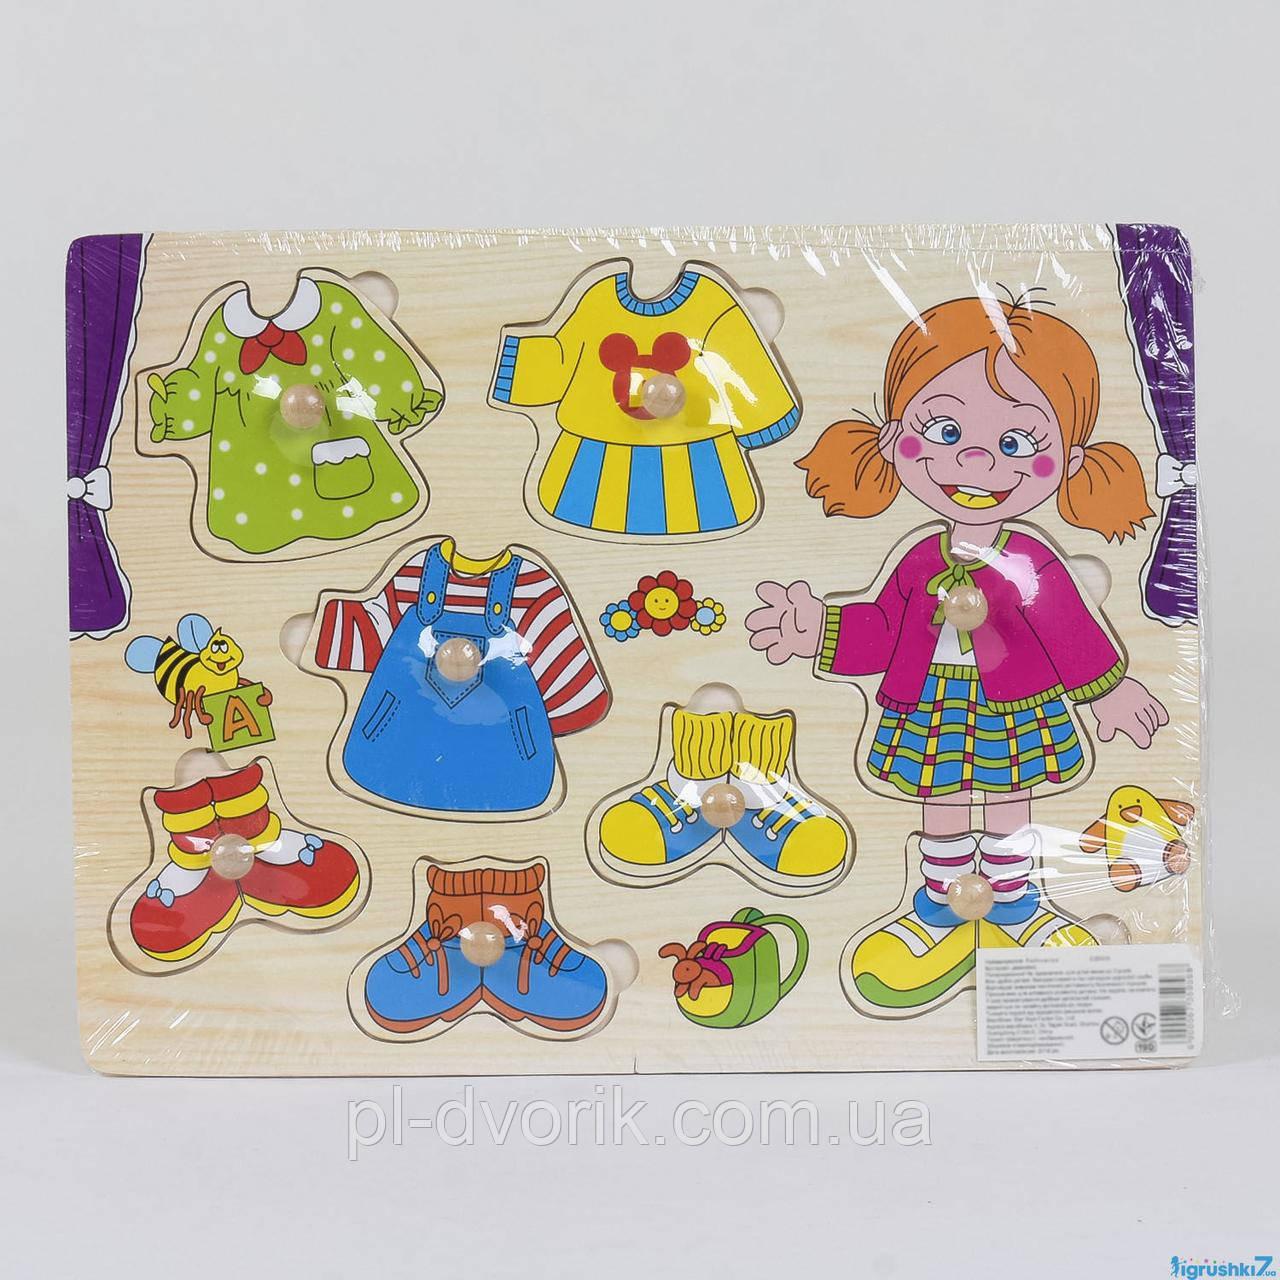 Деревянная игра Рамка-вкладыш С 35956 (120)  Размер упаковки:30 х 1 х 23 см Упаковка:Пленка 36.30грн В налич